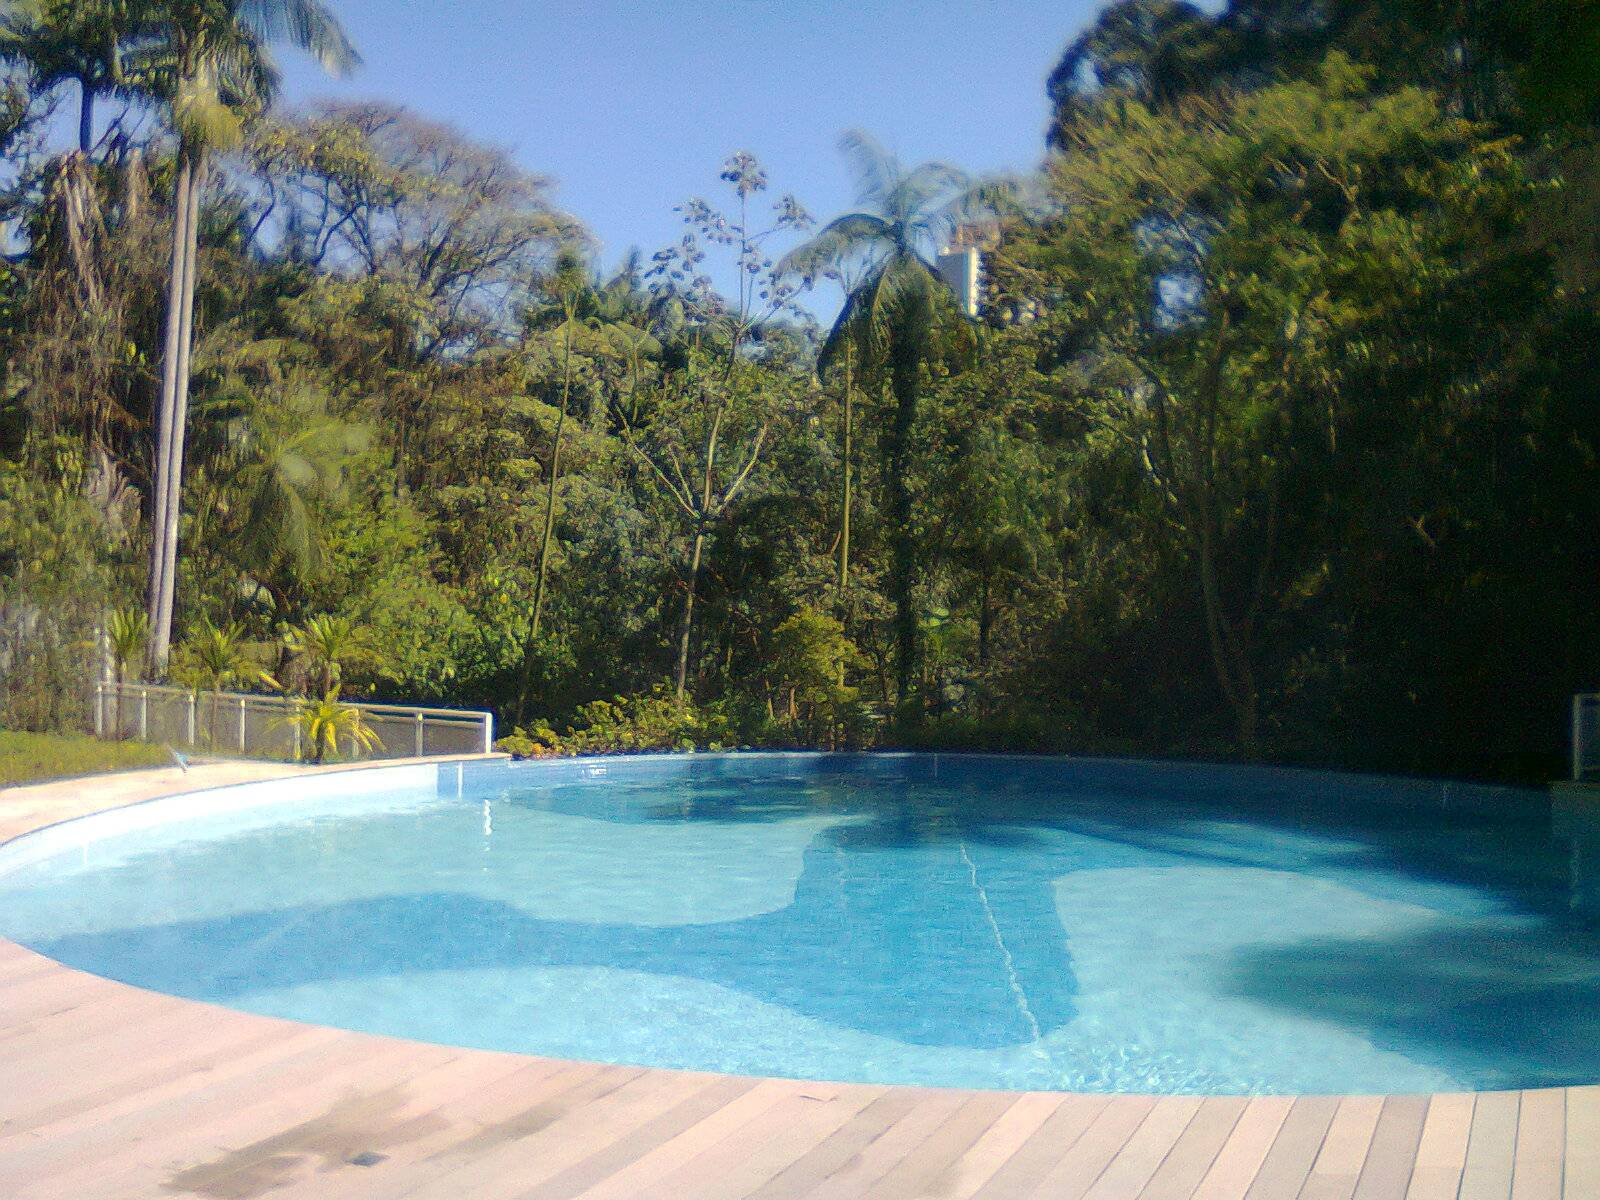 Cursos no Jardim Santo Antônio - Curso para Limpar Piscinas